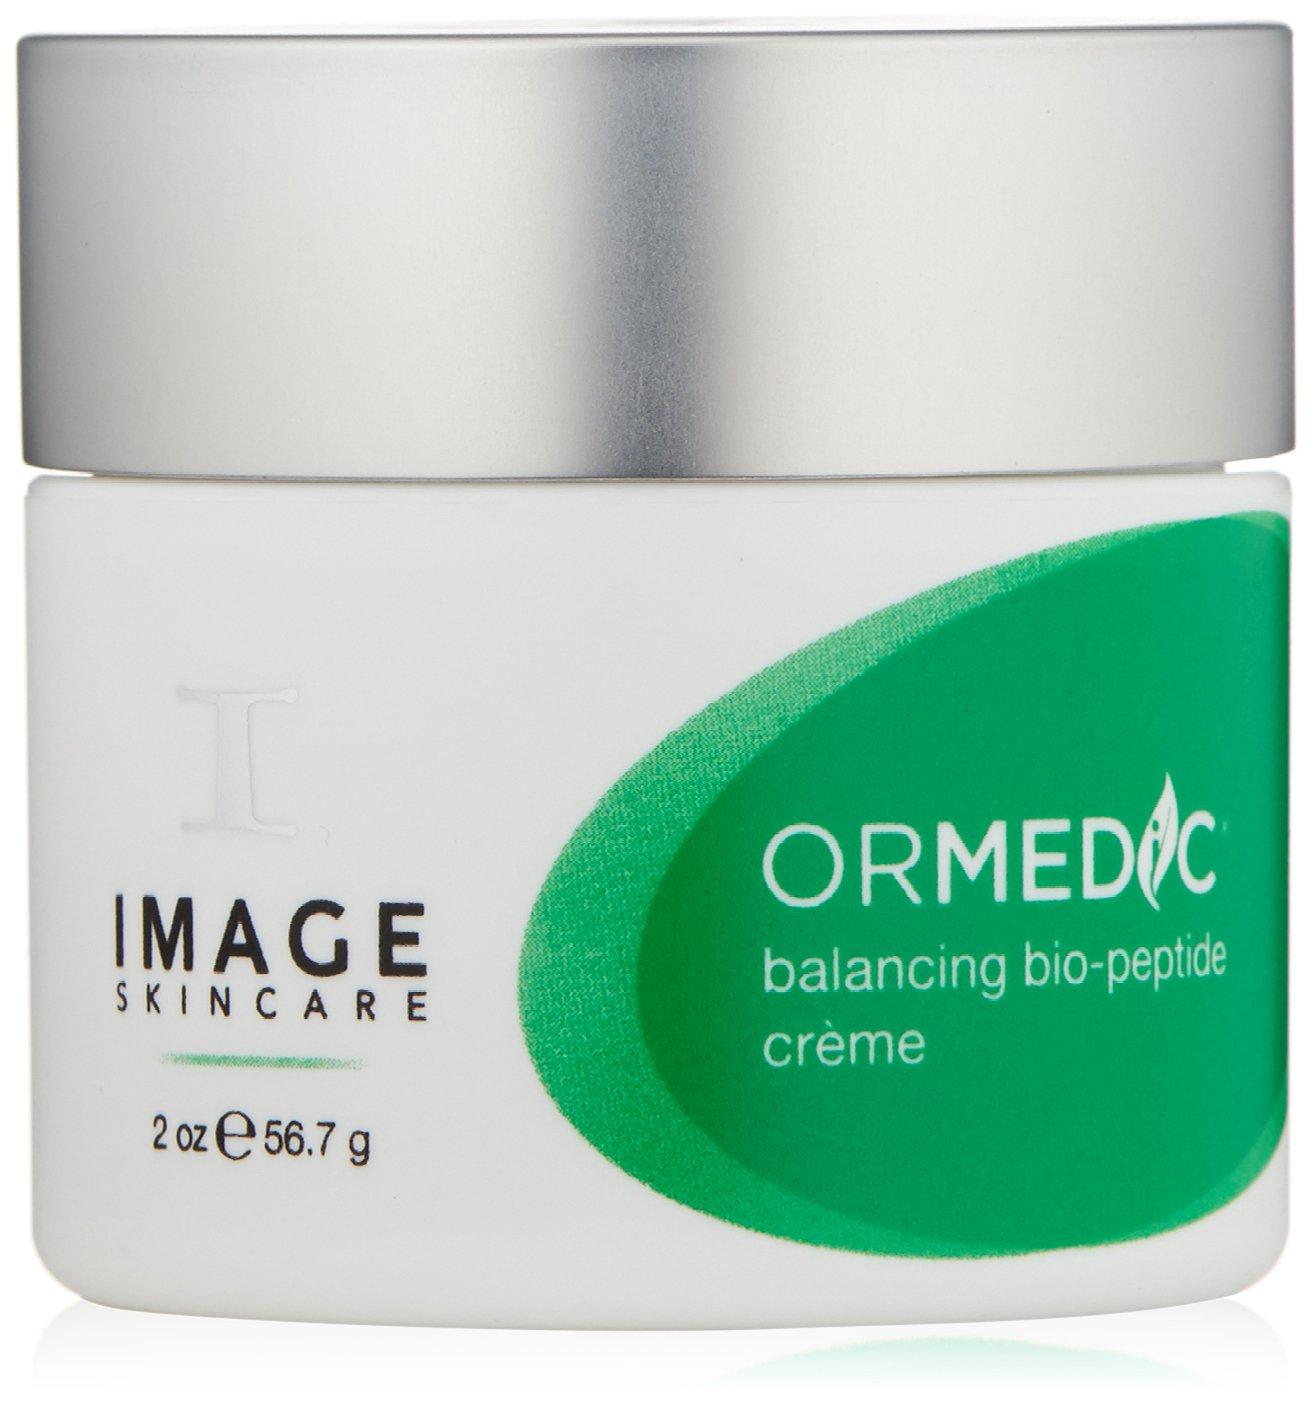 Amazoncom Image Skincare Ormedic Balancing Antioxidant Serum 1 Oz